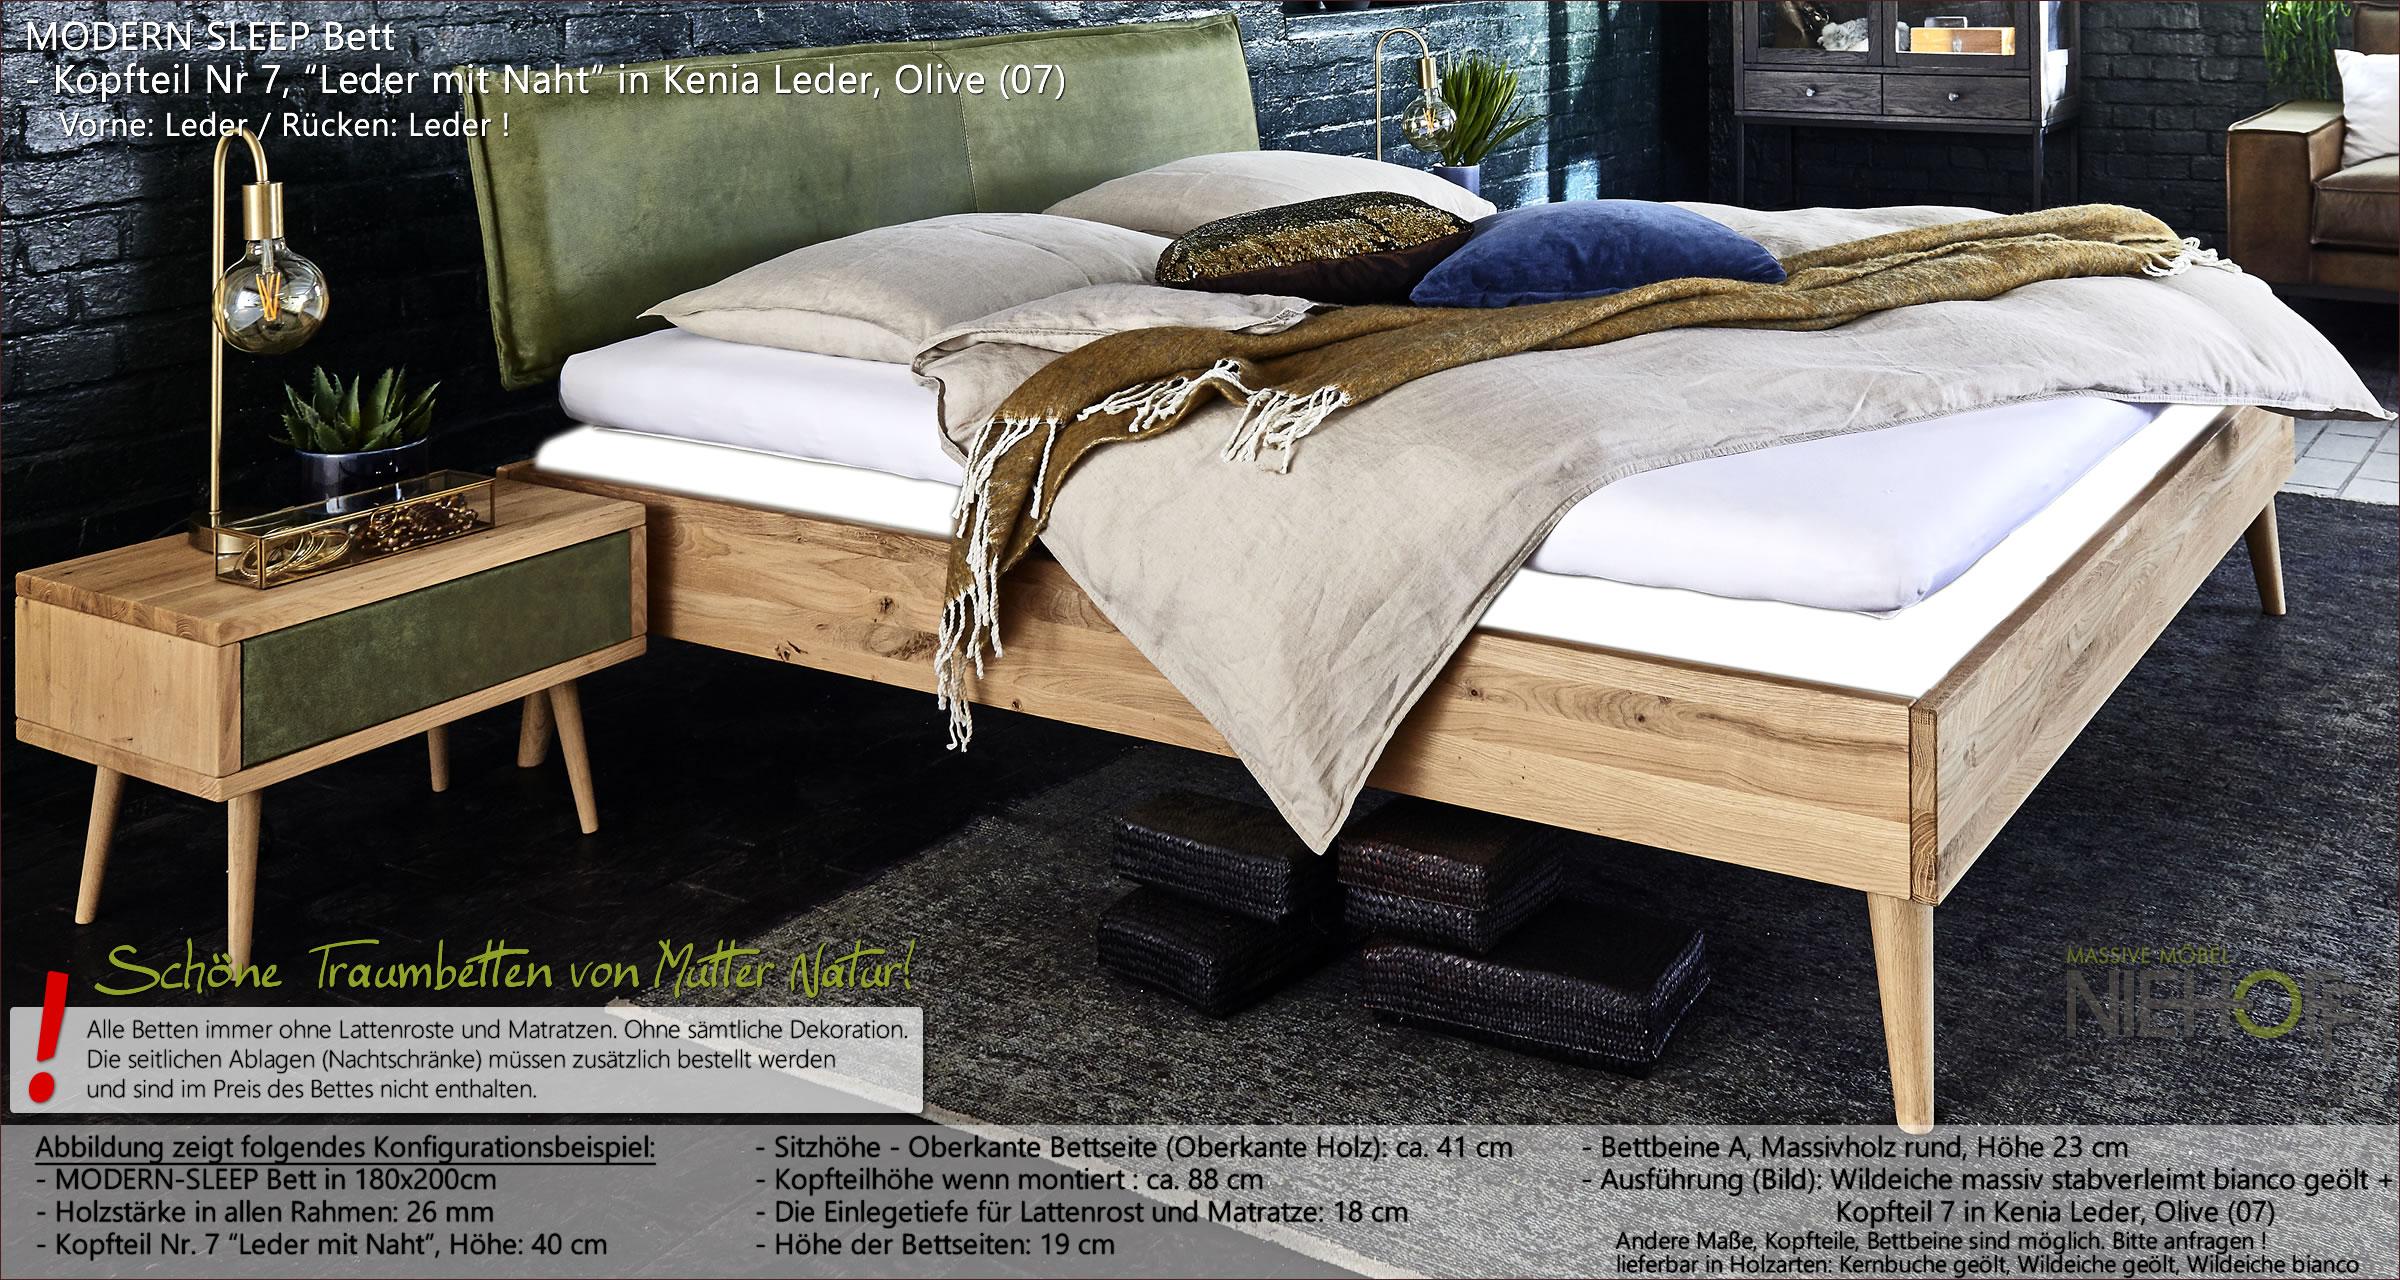 Full Size of Bett Rückwand Holz Modernes Massivholzbett Betten Kaufen Grau Rauch 180x200 Amerikanisches 160x200 Komplett 140x200 Weißes Gebrauchte Kopfteil Selber Machen Wohnzimmer Bett Rückwand Holz